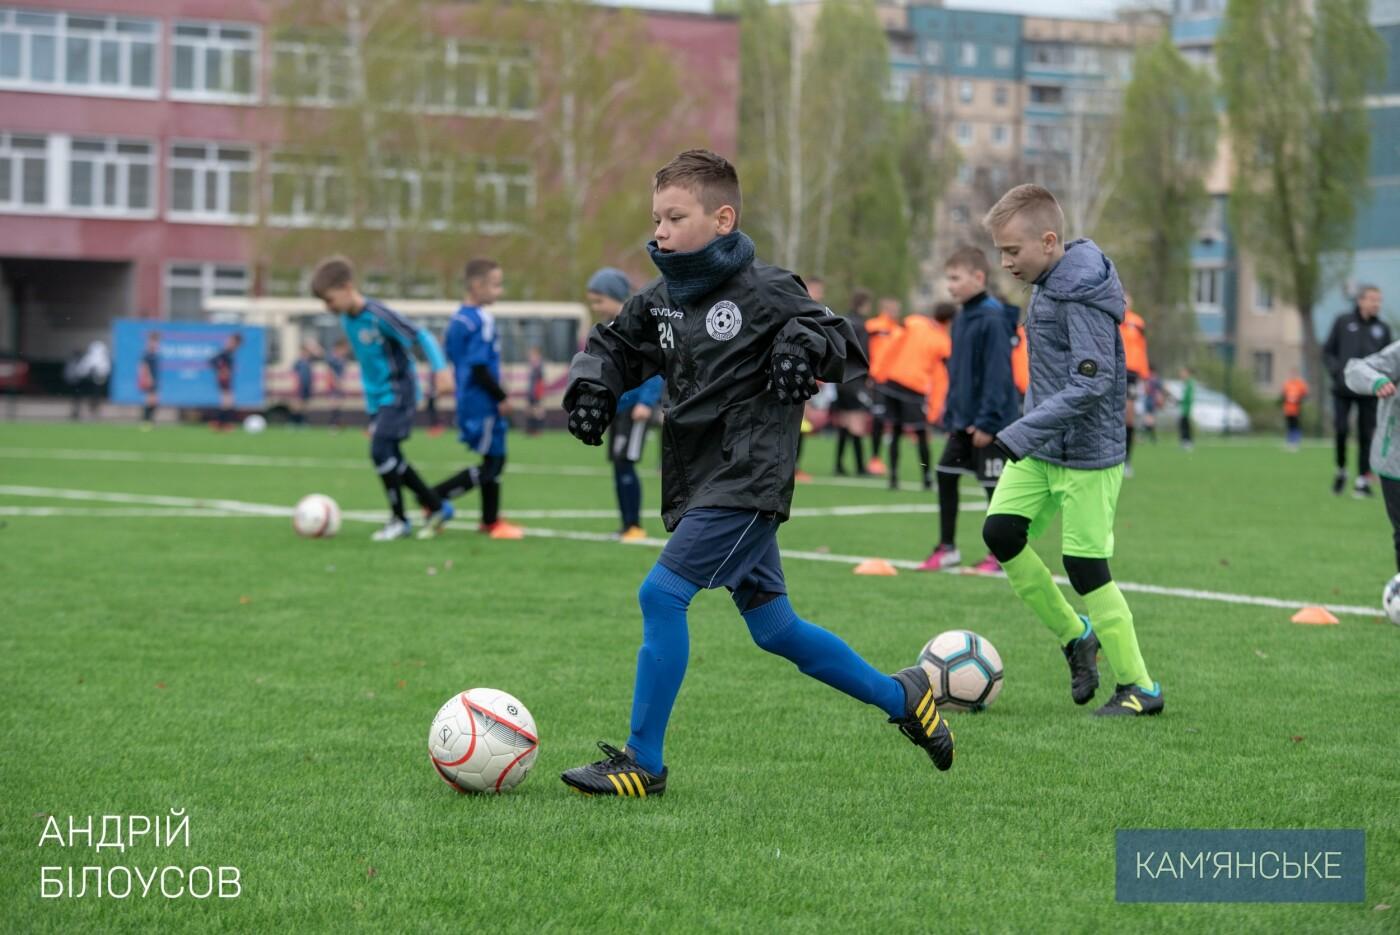 Новый стадион в Каменском открыли матчем со звездами украинского футбола, фото-9